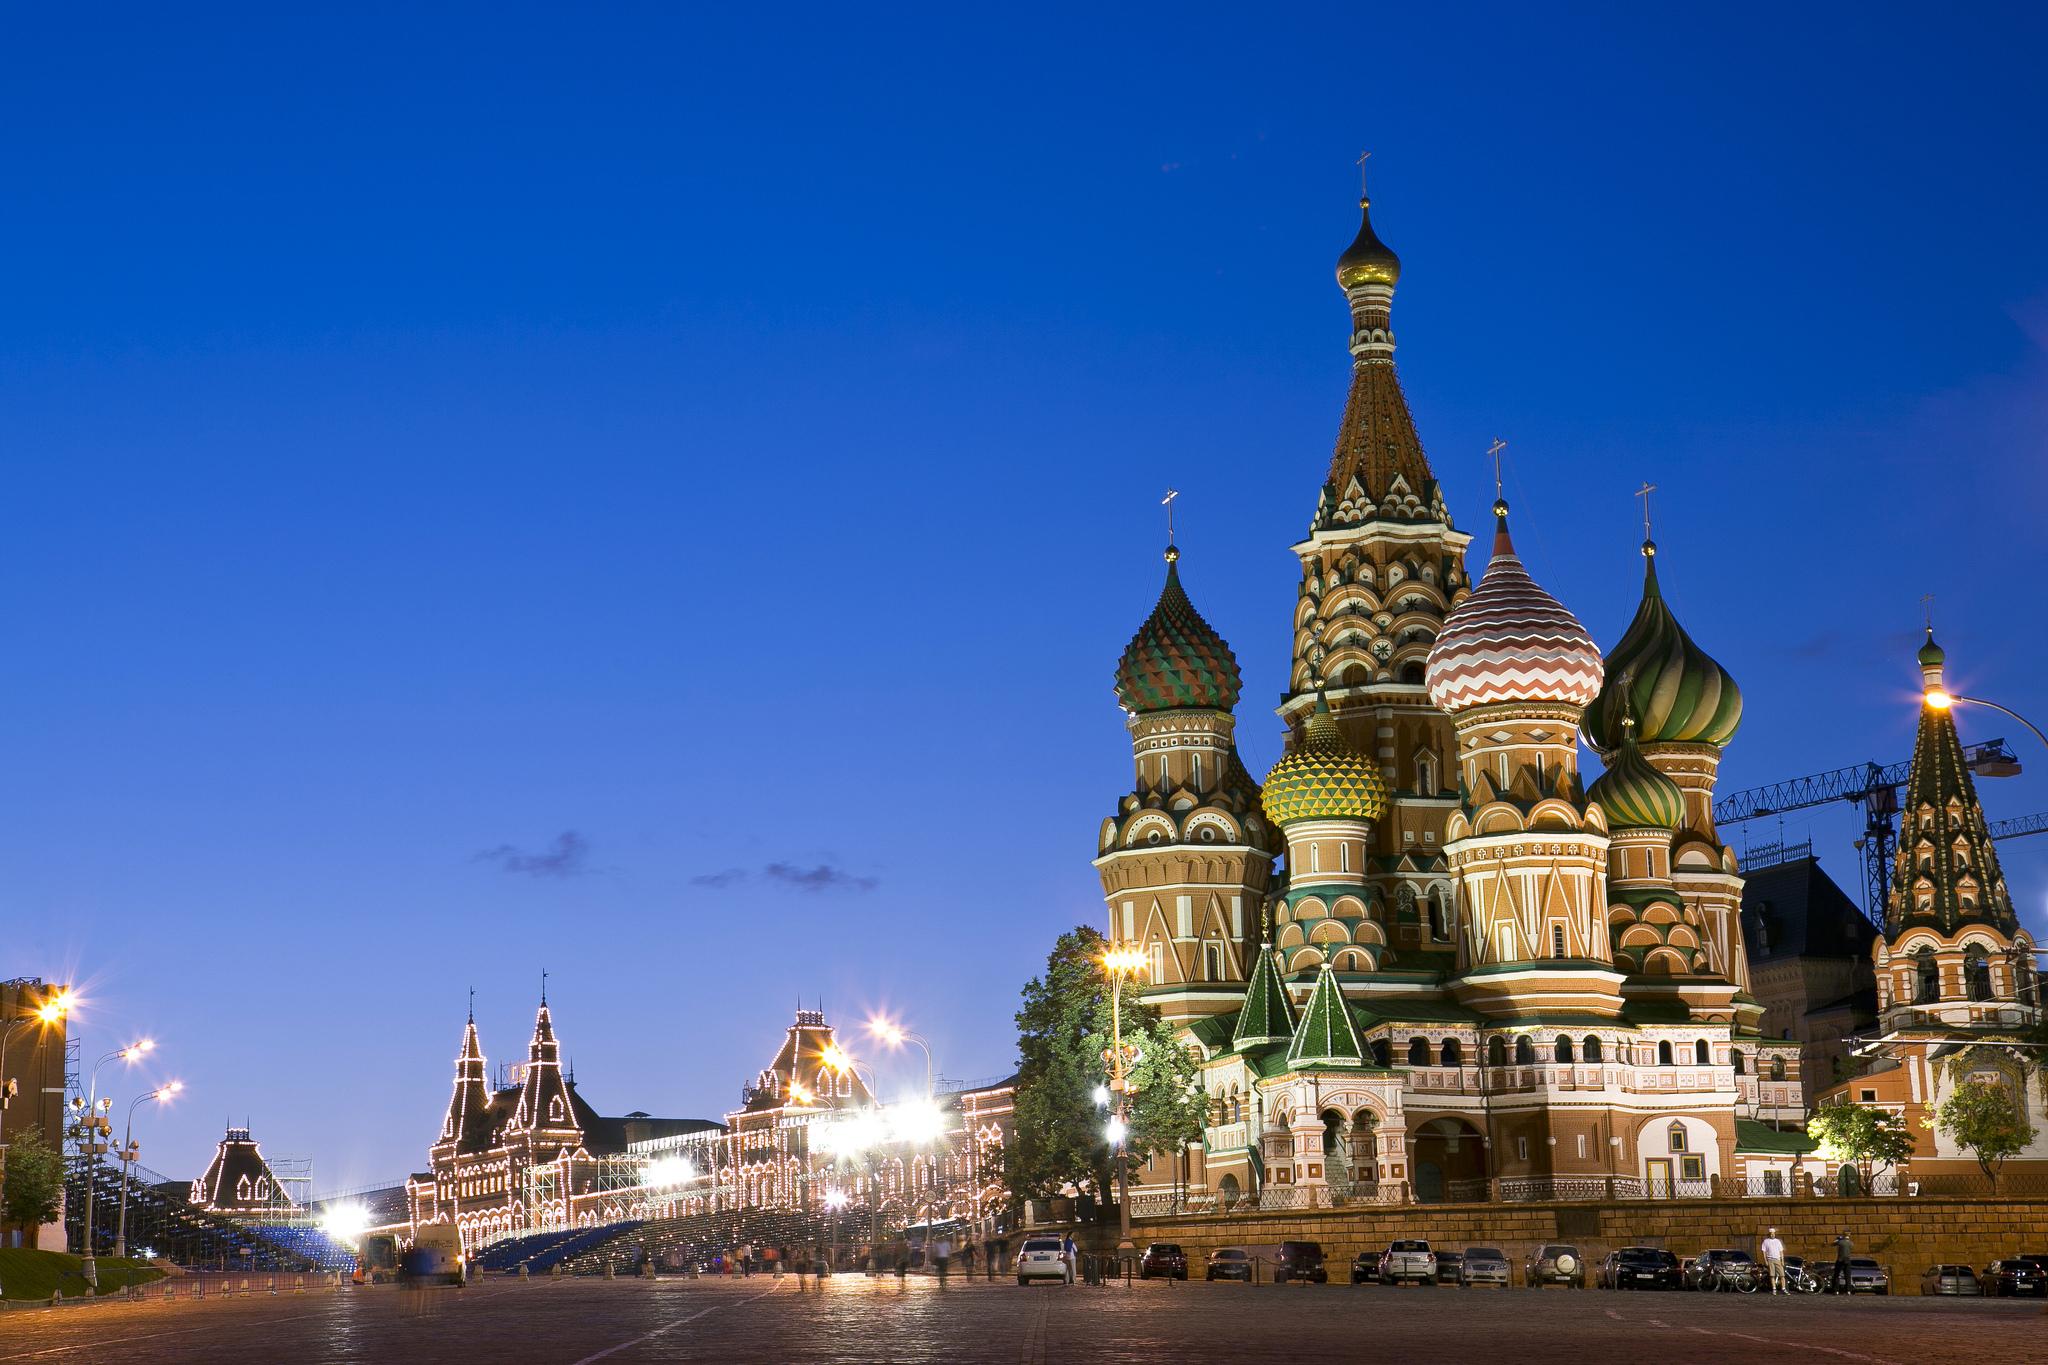 архитектура страны Москва Россия город скачать